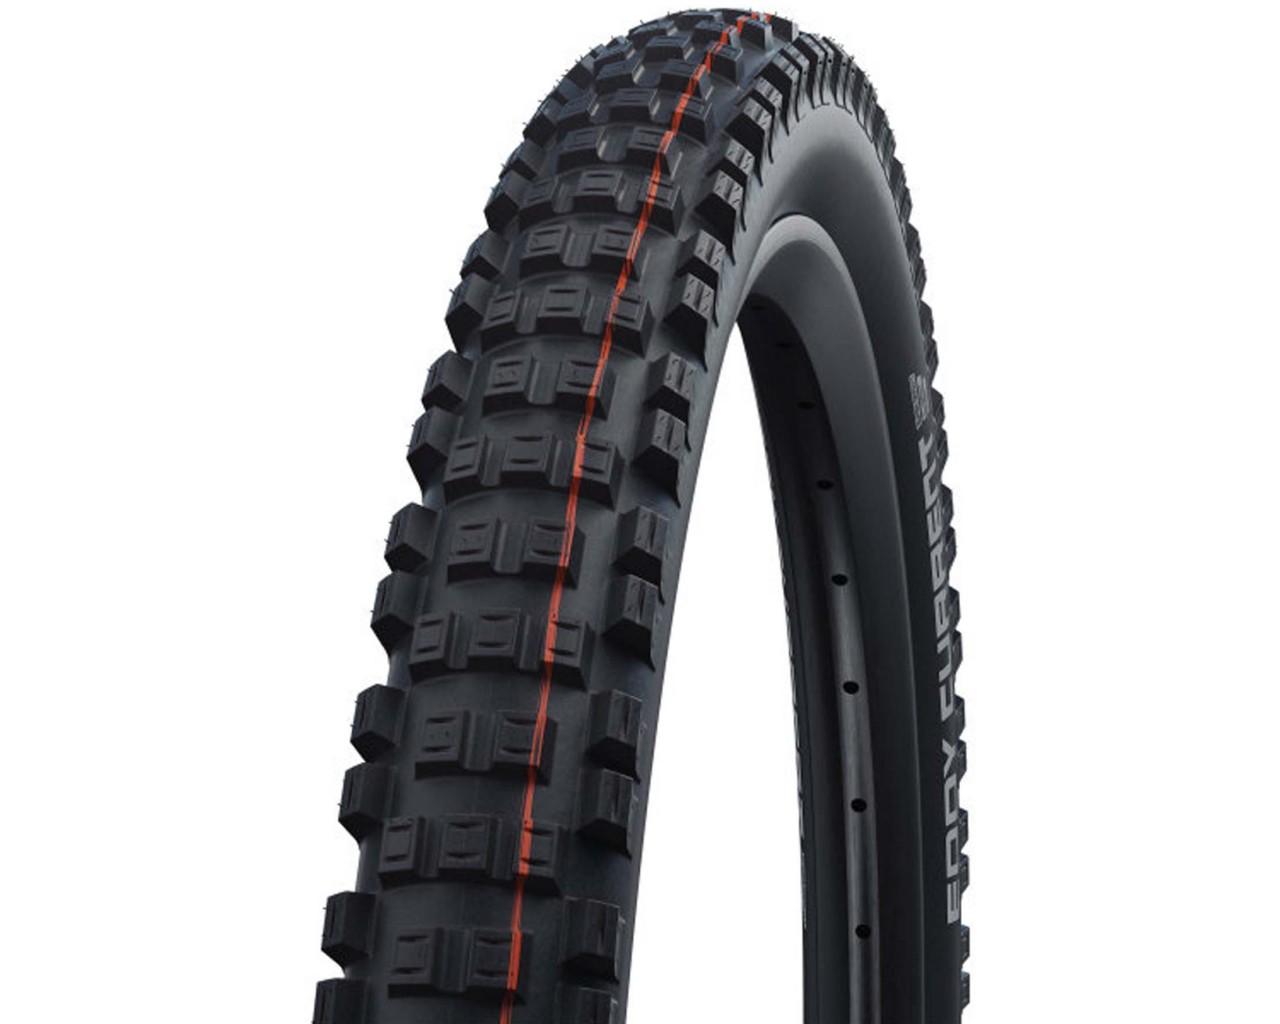 Schwalbe Eddy Current Rear E-MTB-tire 27.5x2.8 inch   black ADDIX Soft Evolution Line foldable